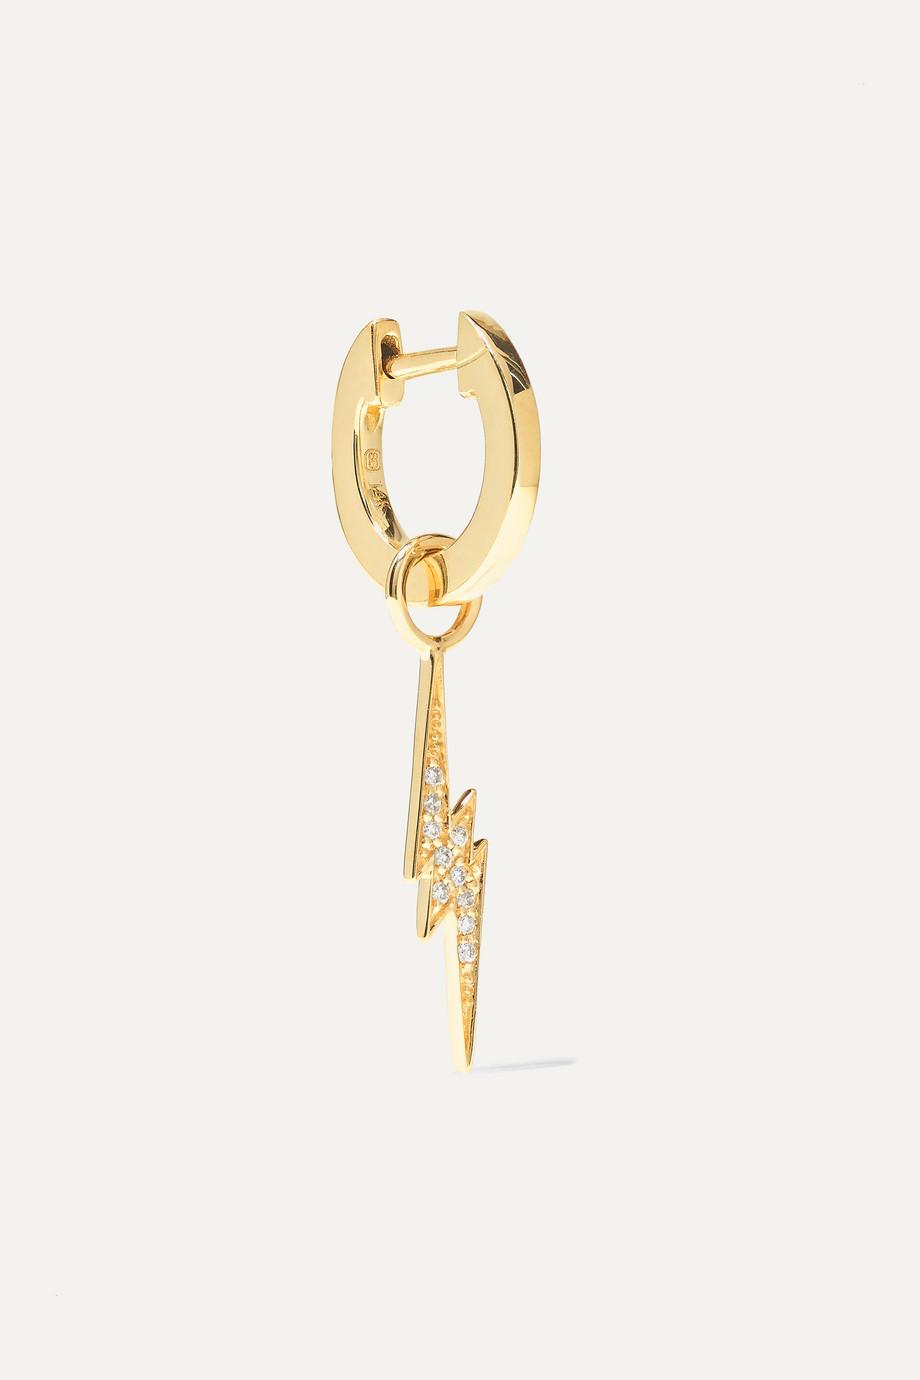 Sydney Evan Lightening Bolt 14-karat gold diamond hoop earring